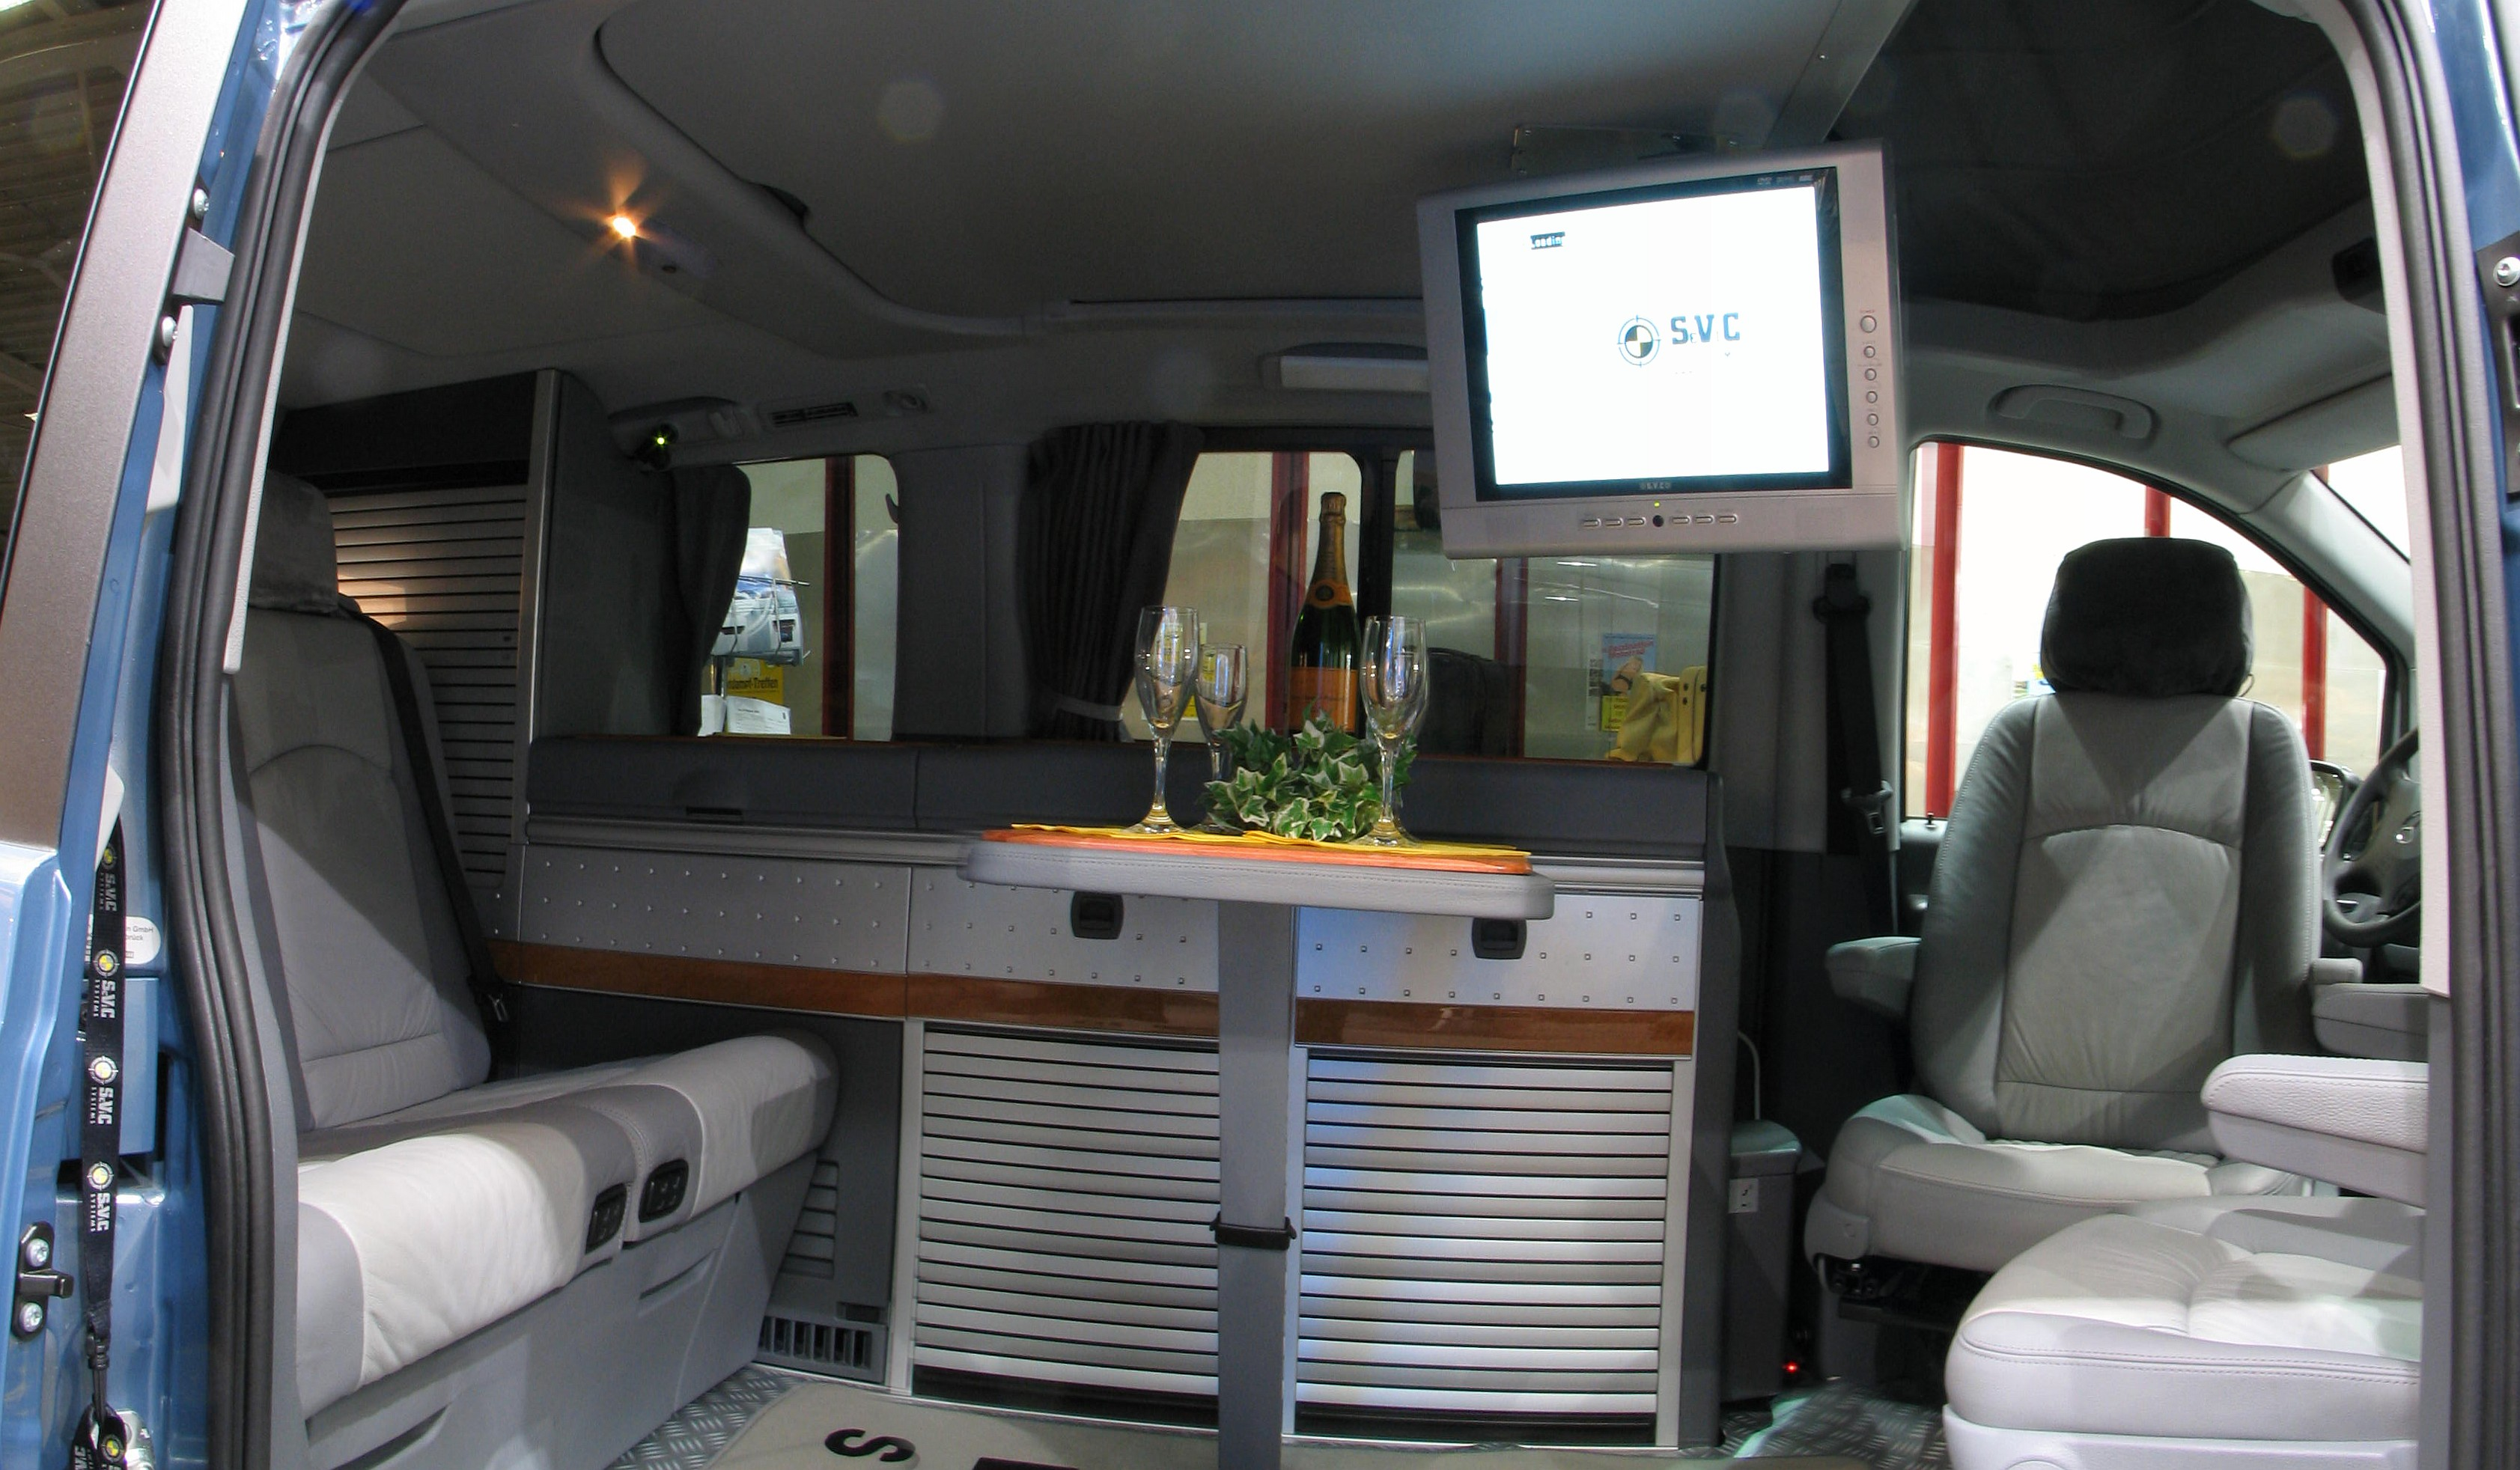 tft mit dvd spieler f r deckenmontage im wohnmobil. Black Bedroom Furniture Sets. Home Design Ideas